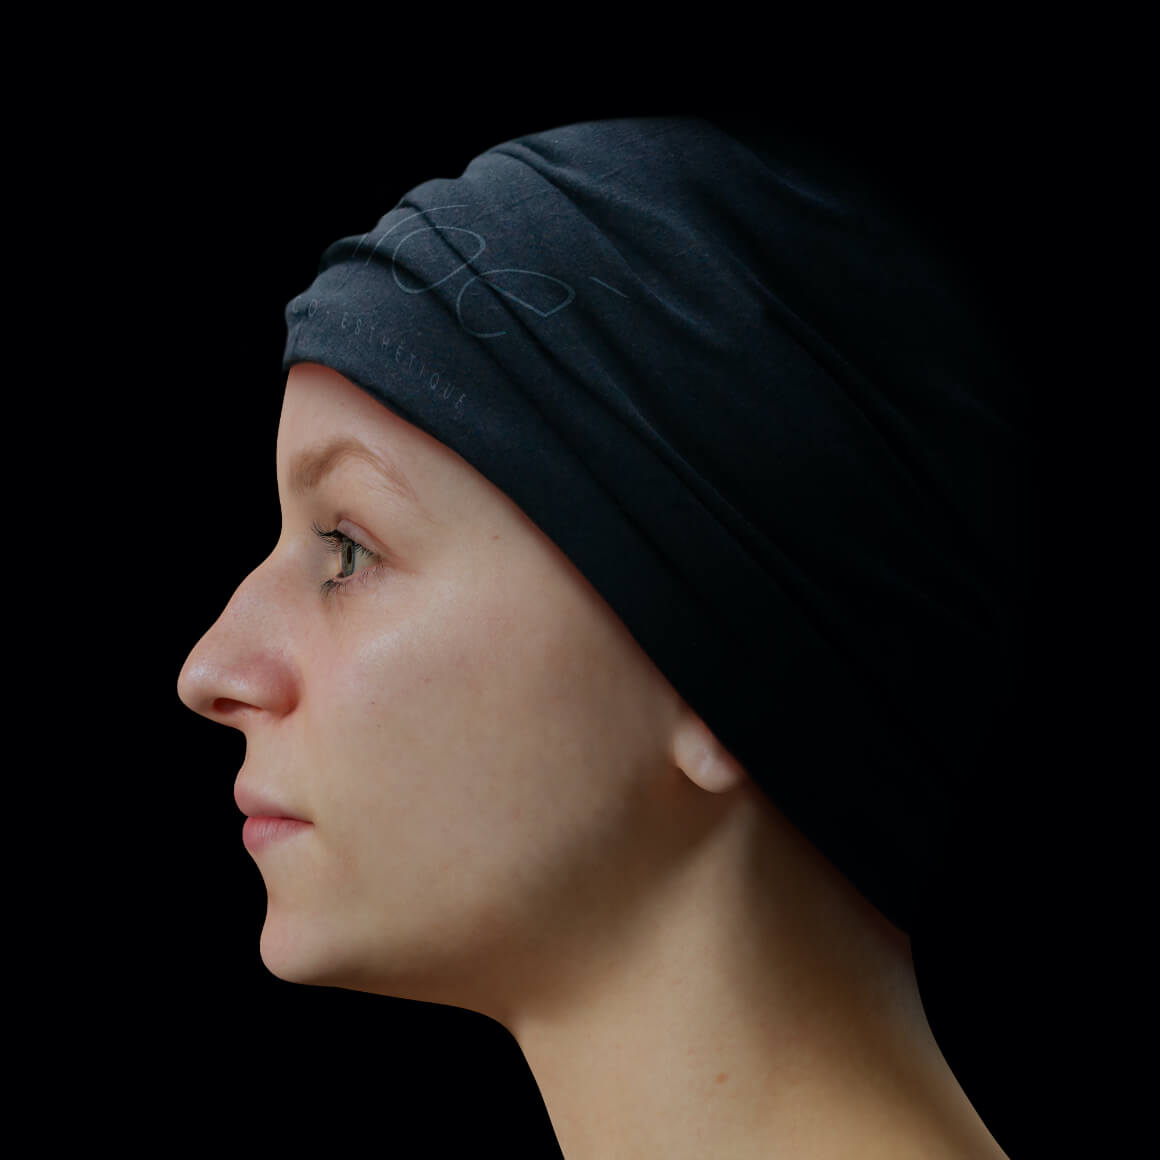 Une patiente de la Clinique Chloé avec une mâchoire peu définie vue de côté